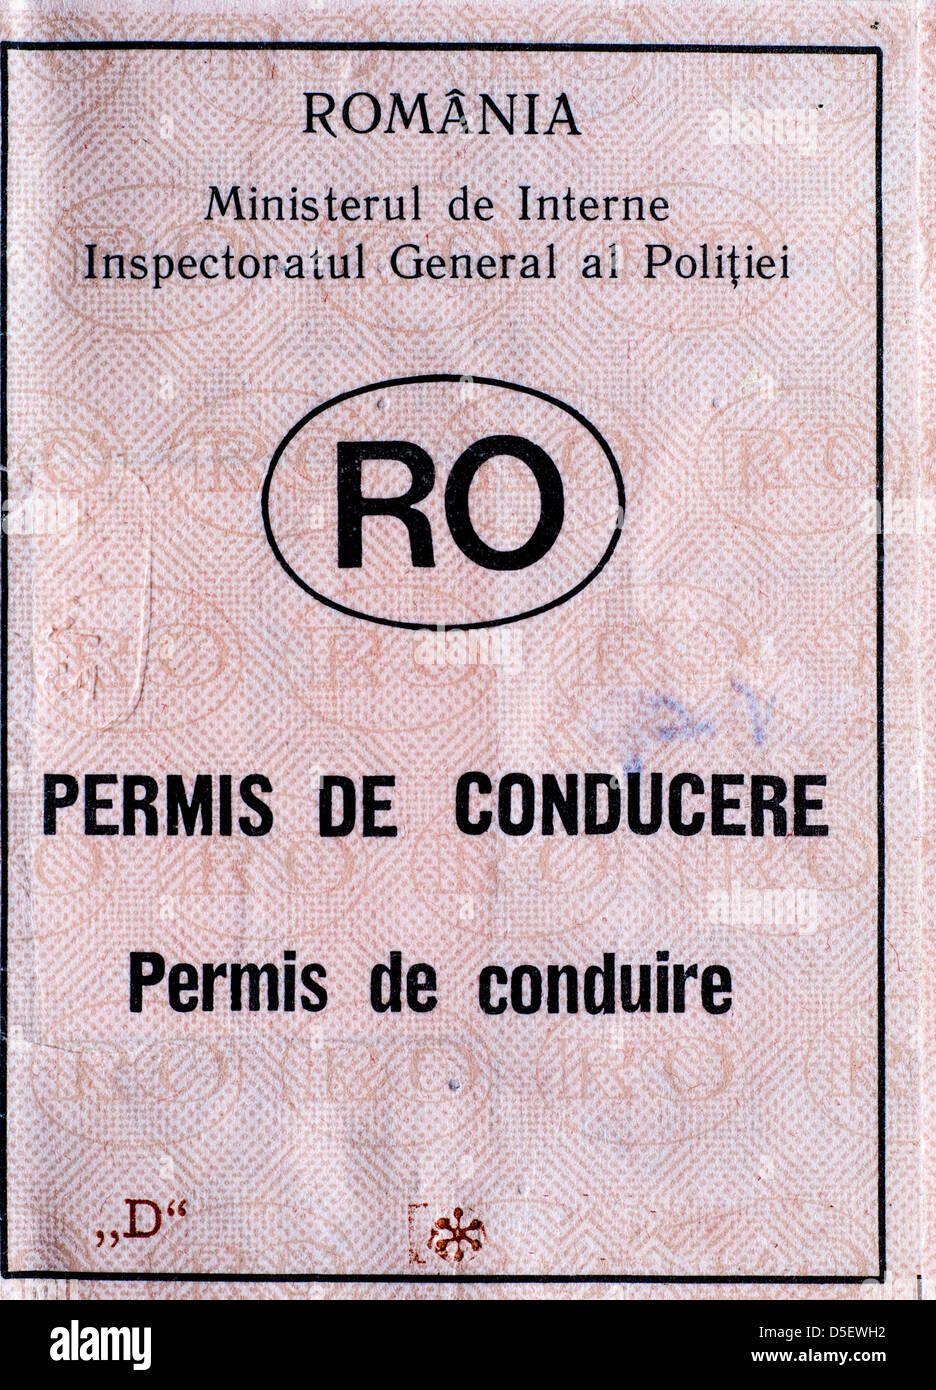 Licencia de conductor rumano. Imagen De Stock